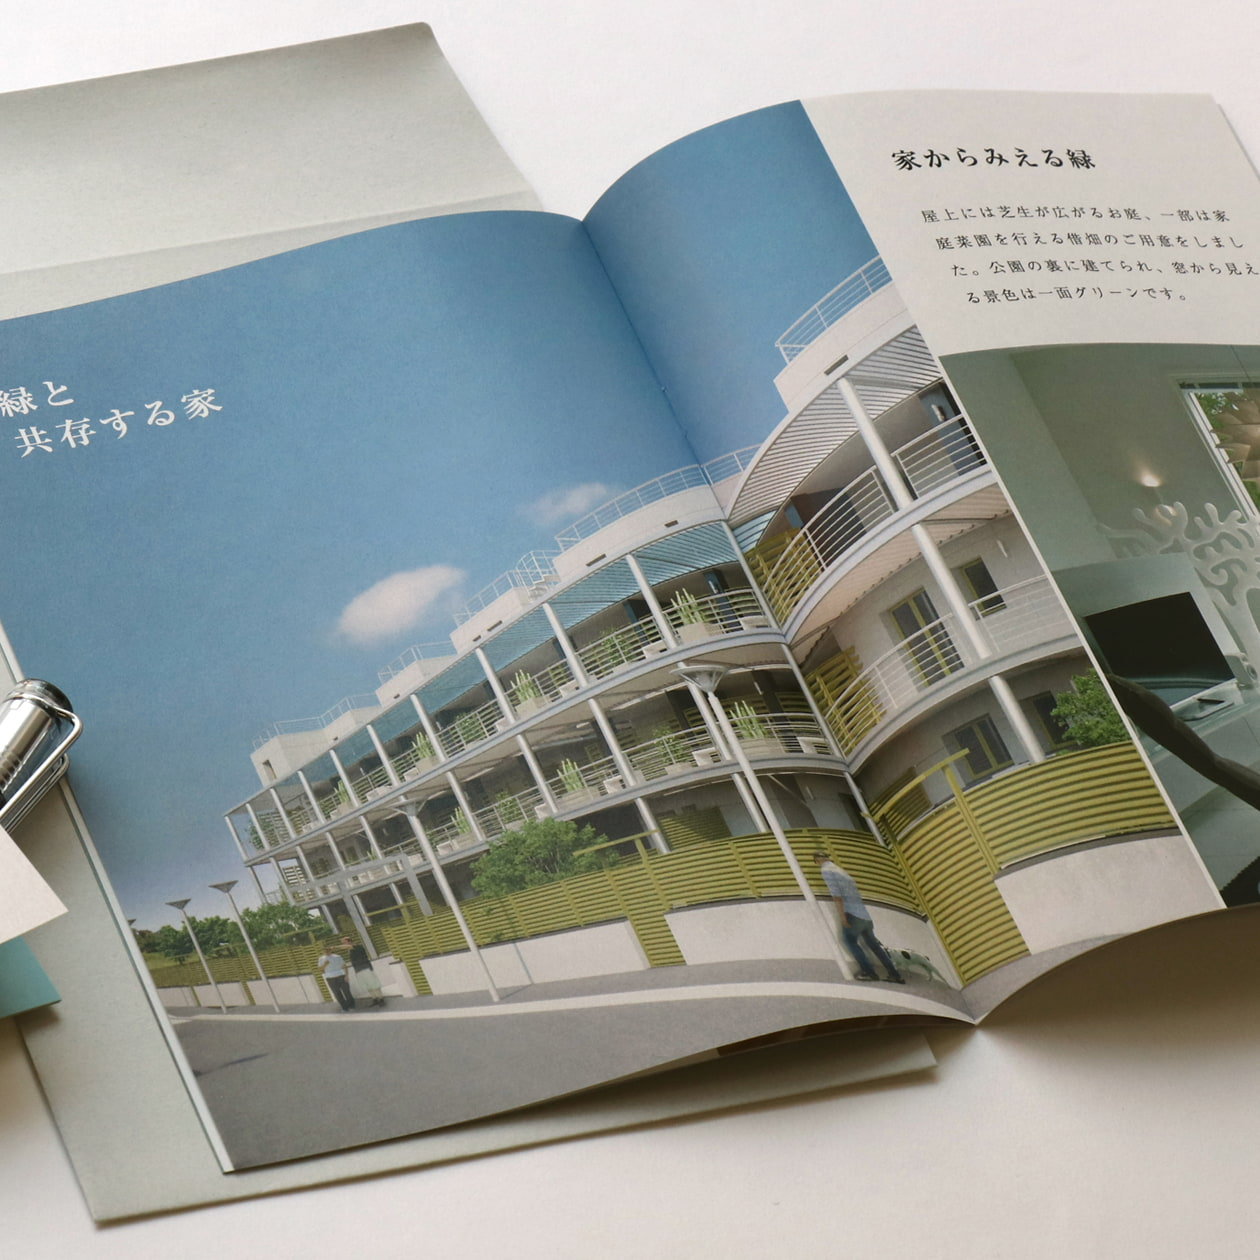 モダン建築をイメージさせる住宅施工例の冊子